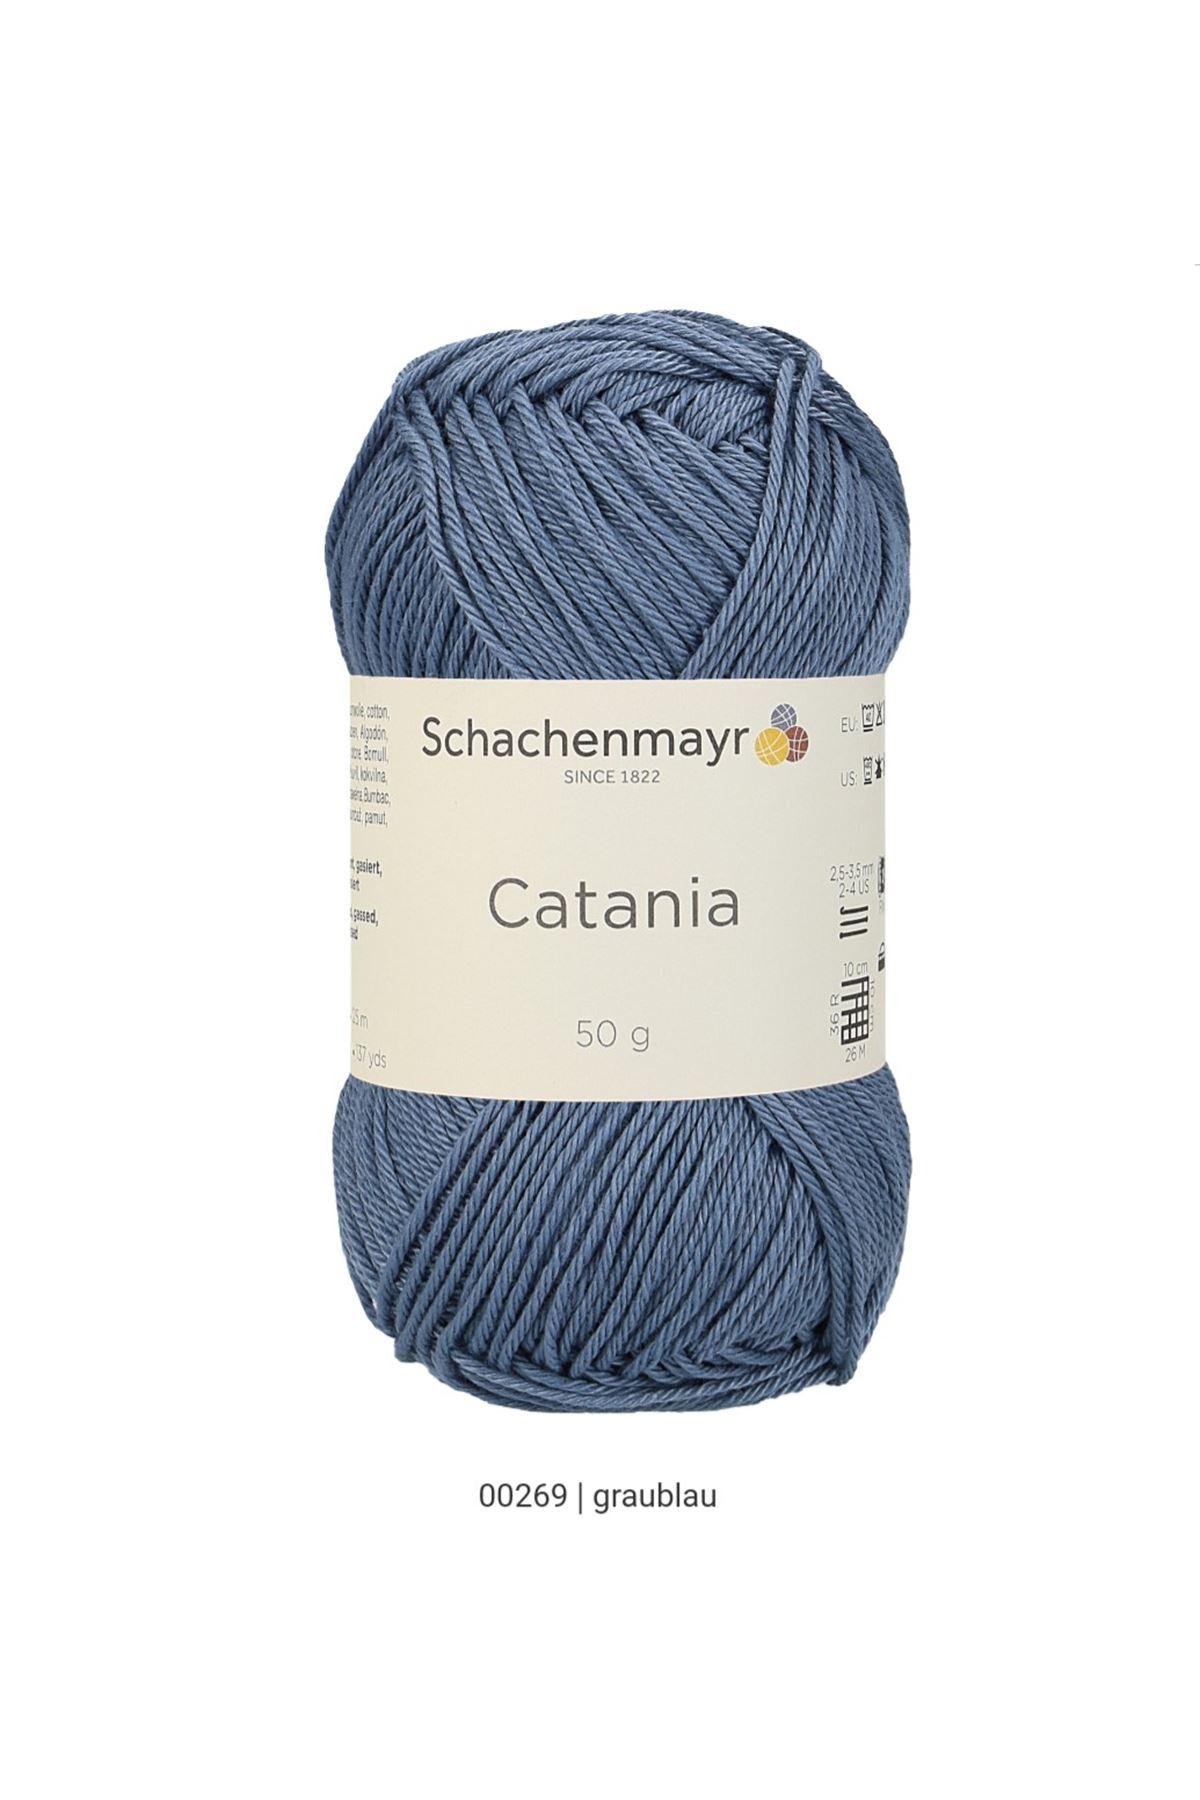 SMC Catania 50g 00269 Graublau Kurşuni